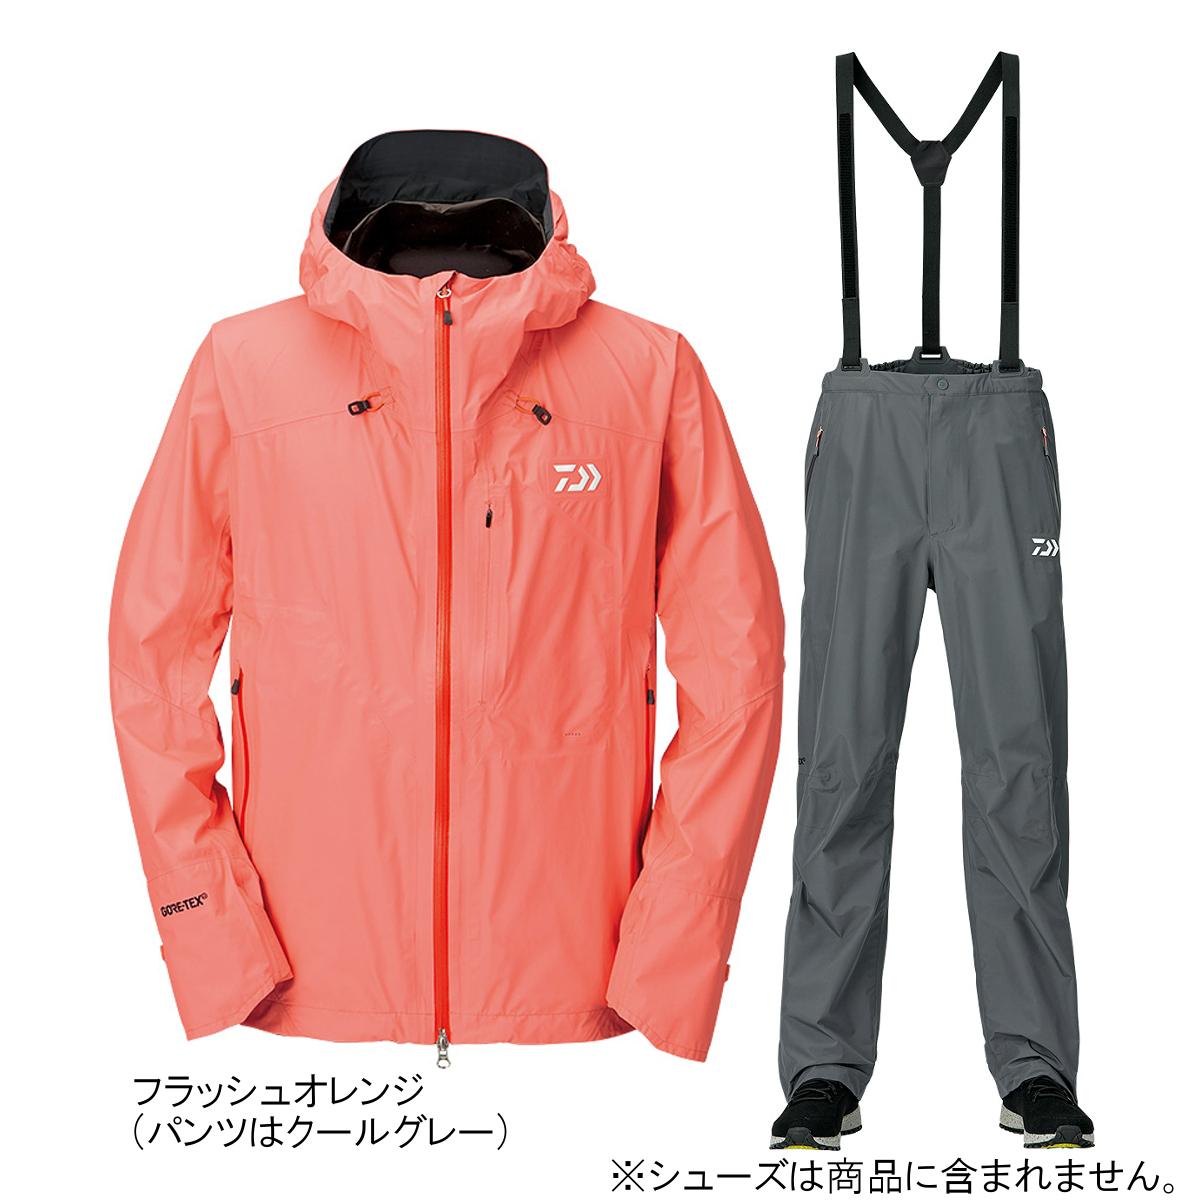 ダイワ ゴアテックス パックライトプラス レインスーツ DR-16009 L フラッシュオレンジ【送料無料】